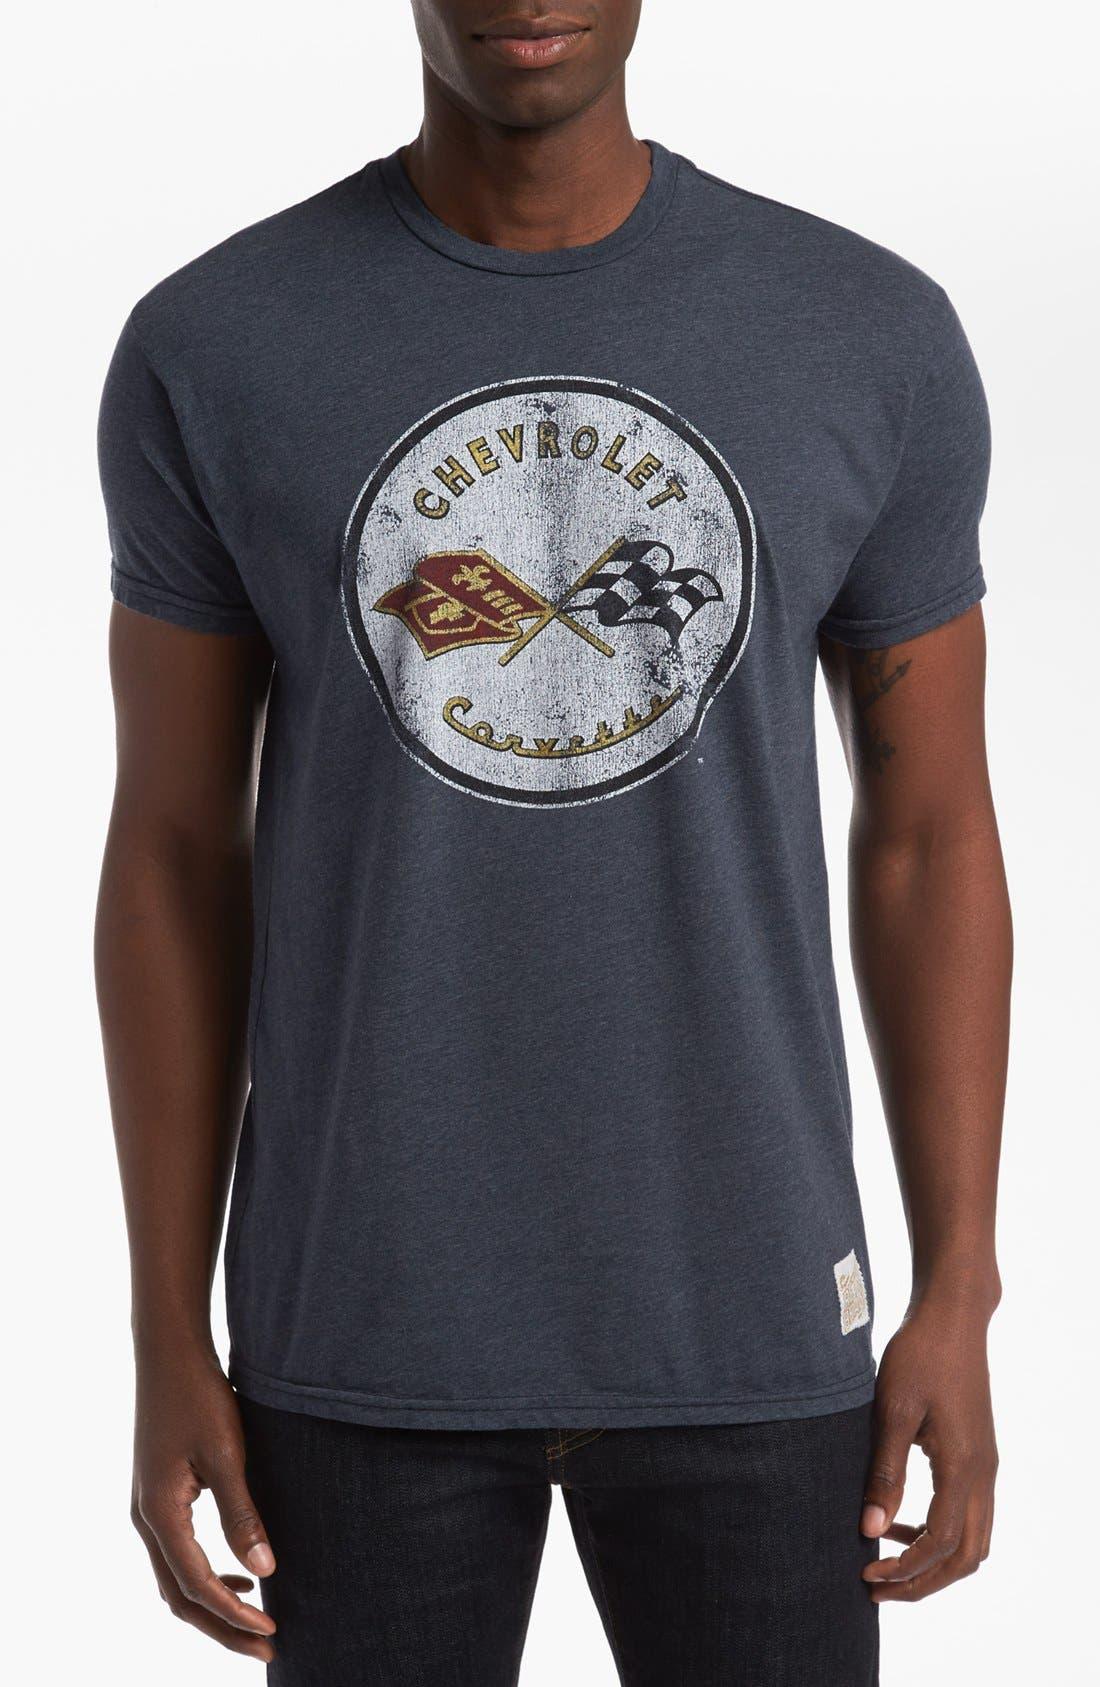 Alternate Image 1 Selected - Retro Brand 'Chevrolet' T-Shirt